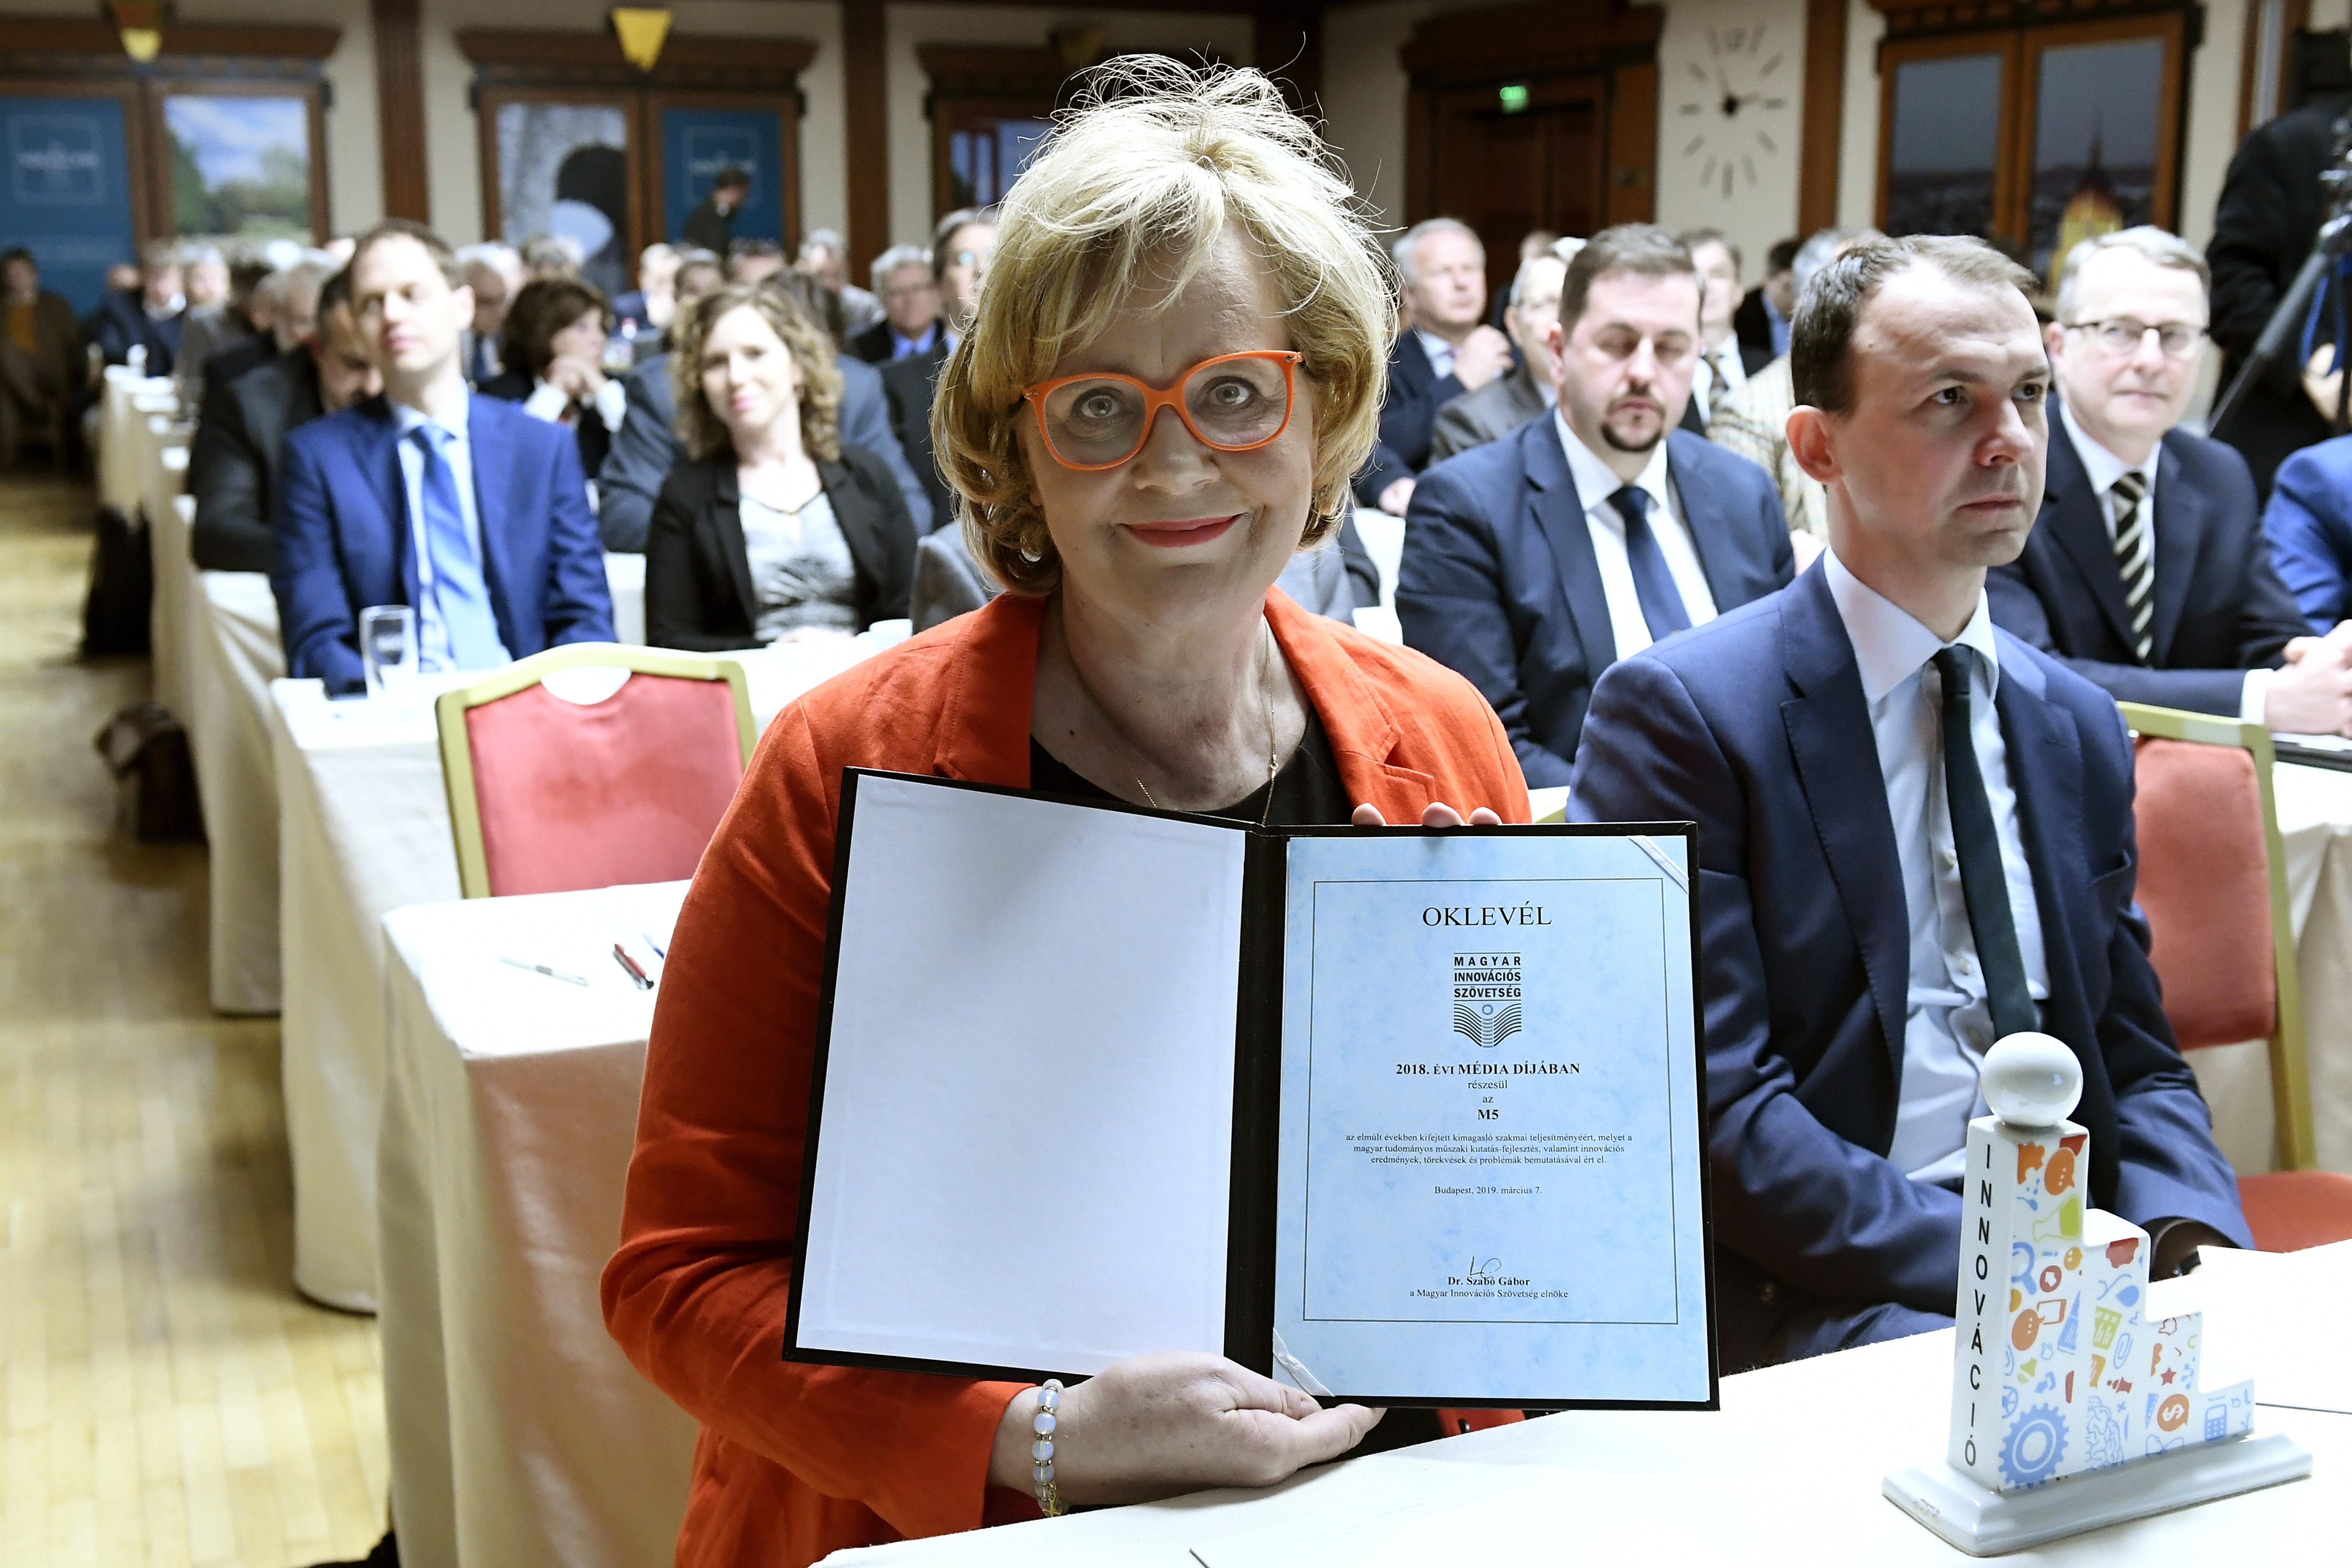 21 zsidó szervezet csatlakozott a nyílt levélhez, ami az antiszemita botrányokat halmozó Siklósi Beatrix felmentését kéri